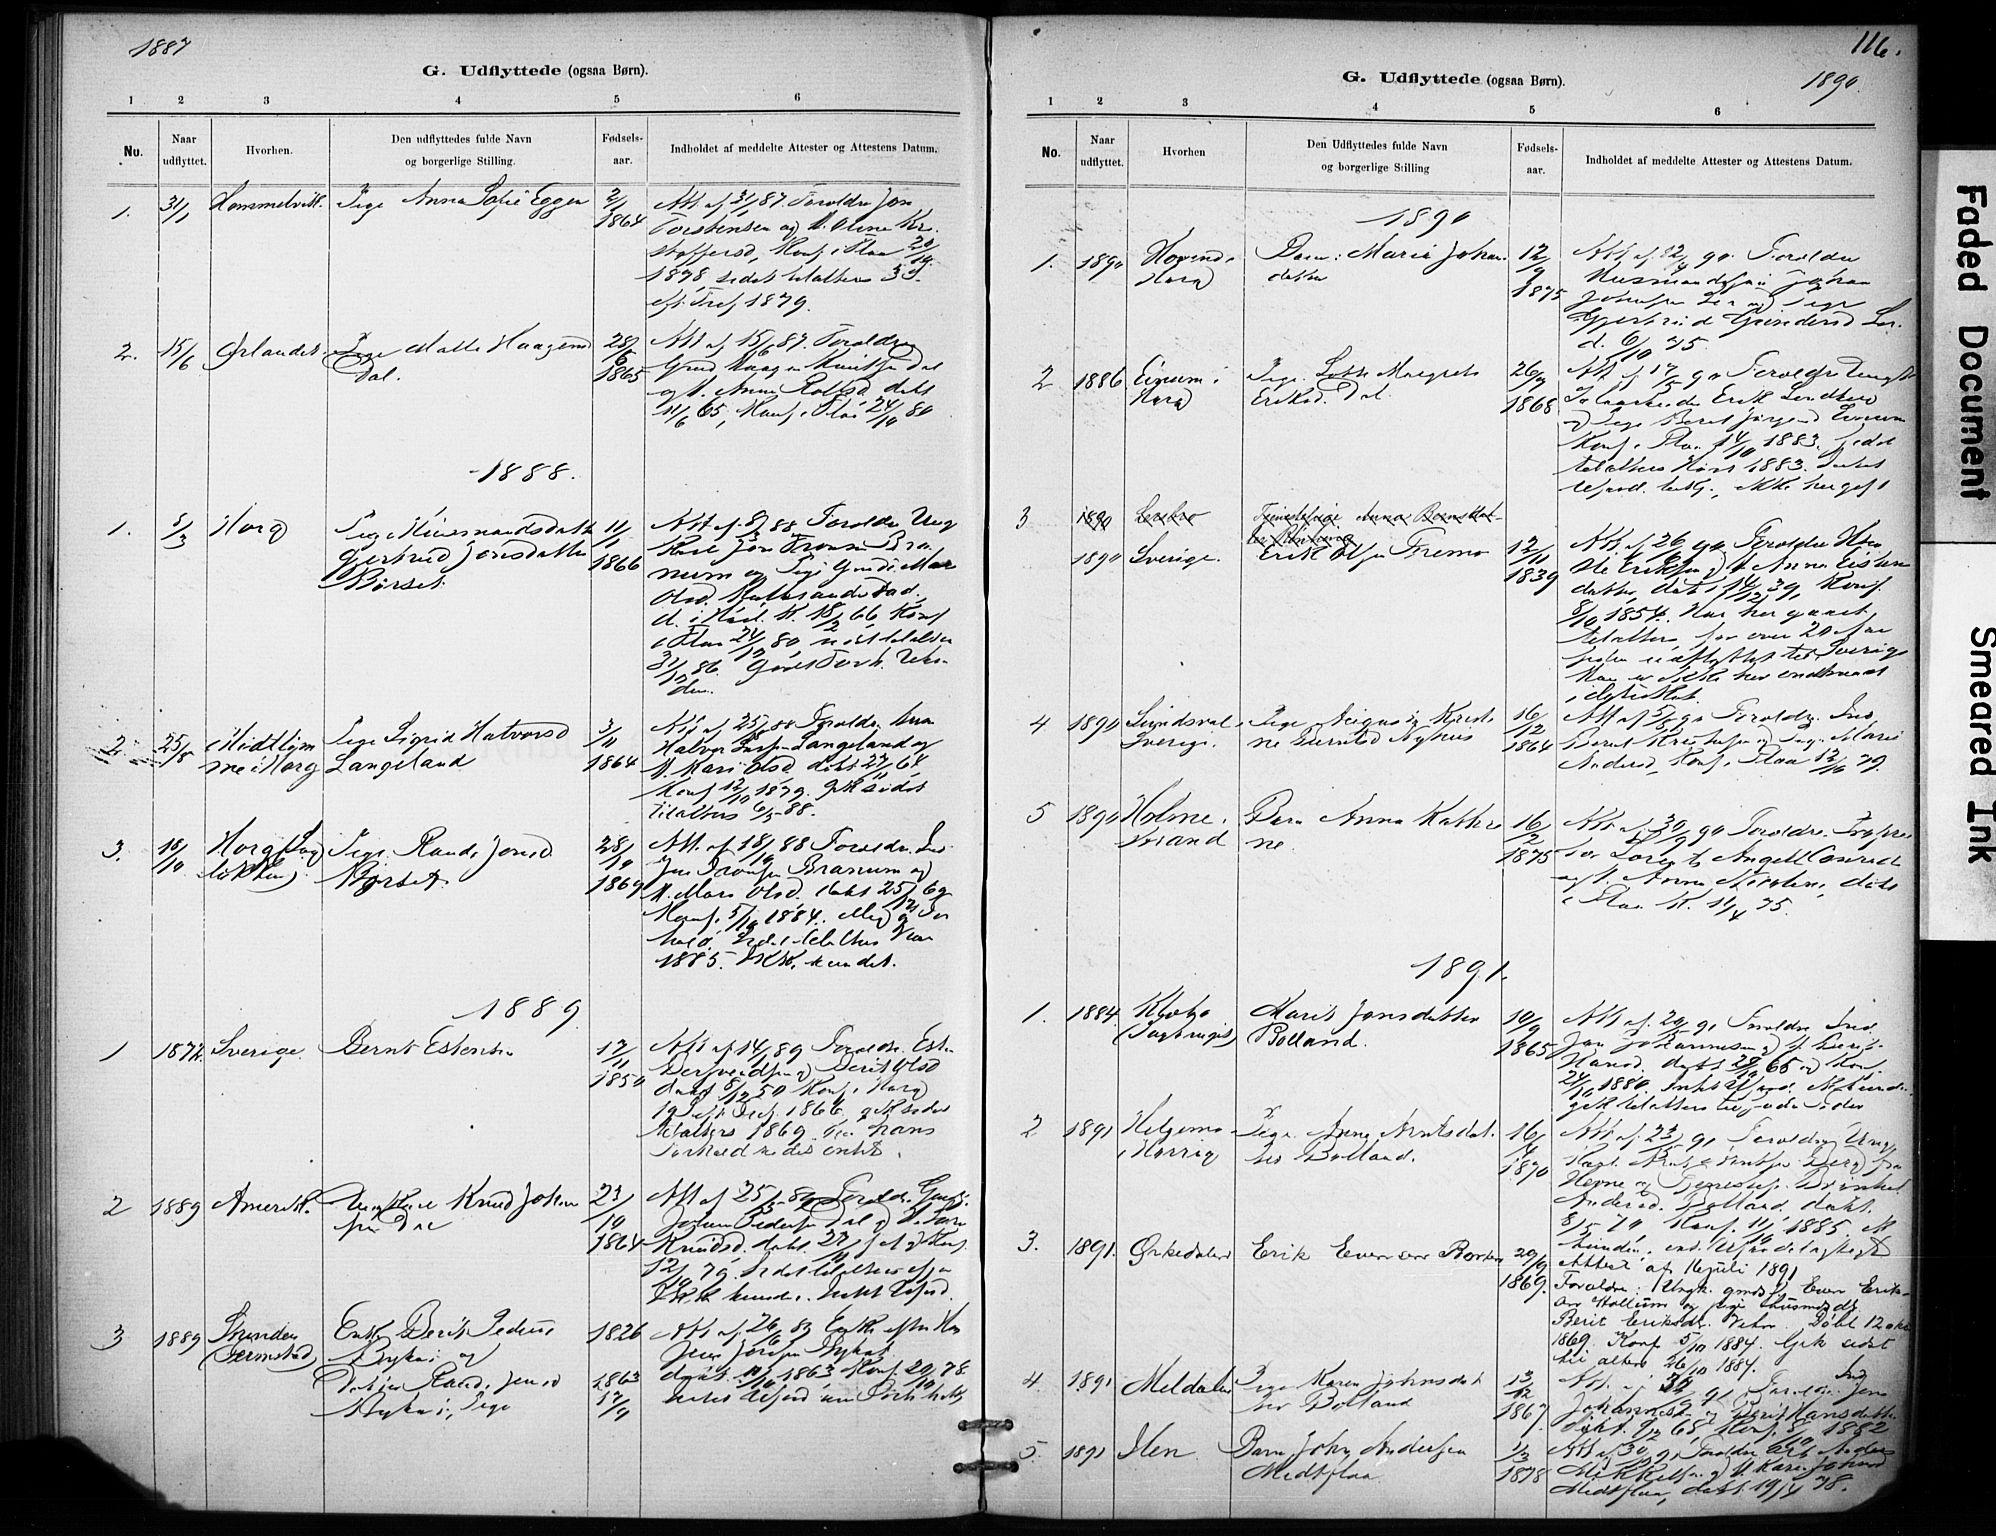 SAT, Ministerialprotokoller, klokkerbøker og fødselsregistre - Sør-Trøndelag, 693/L1119: Ministerialbok nr. 693A01, 1887-1905, s. 116